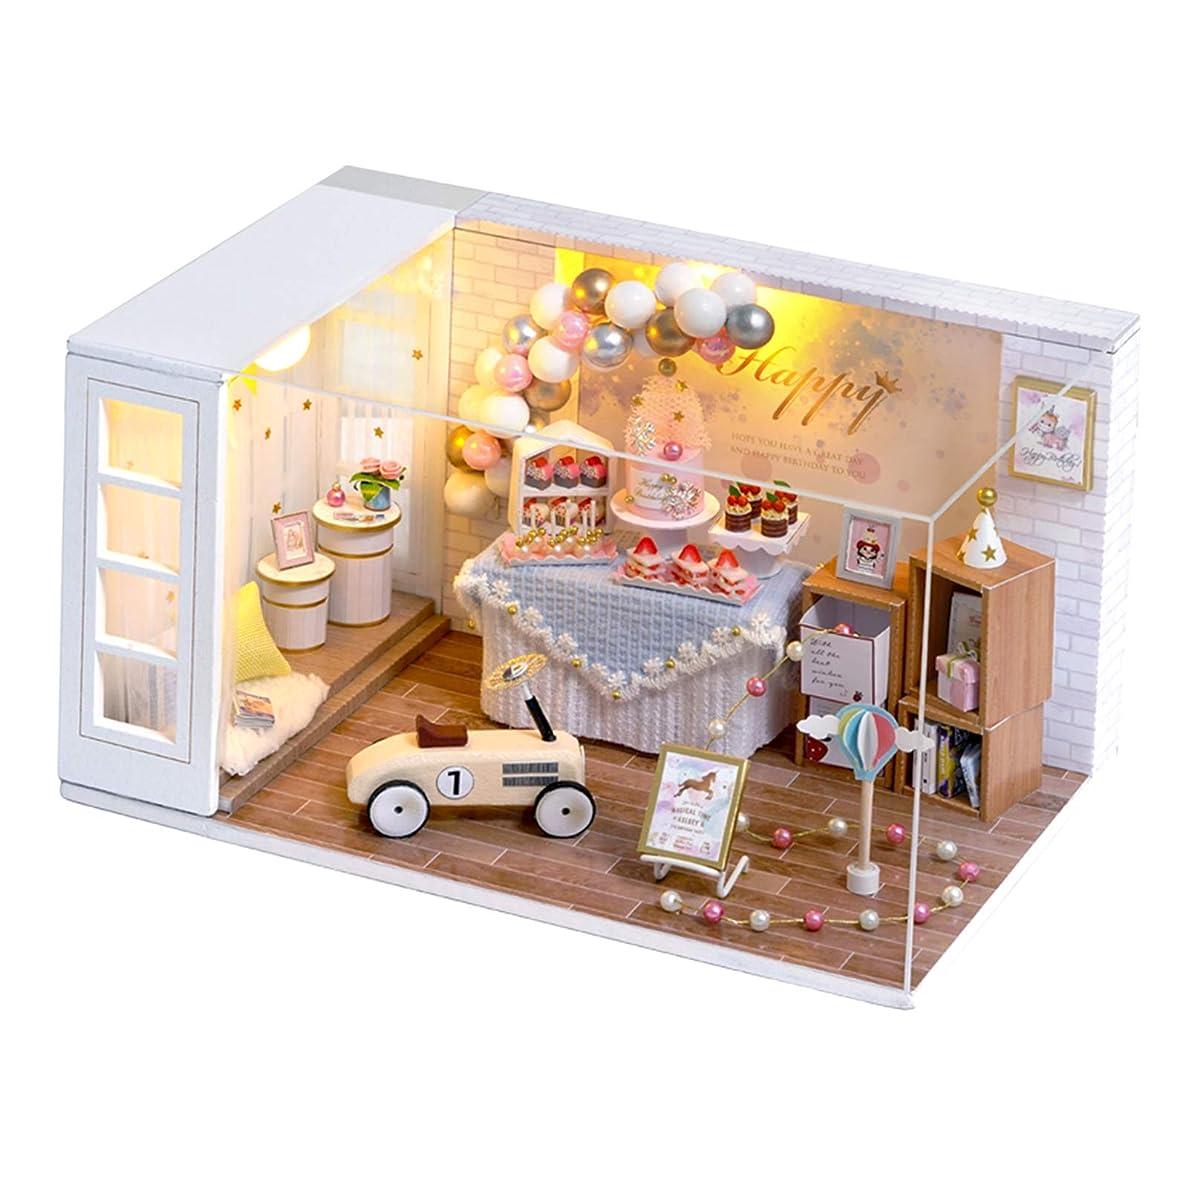 特権リンス嫌がる#N/A 1/24スケール ドールハウス ケーキショップ 木製 お菓子屋 小屋模型 家具セット 工芸品 DIYキット